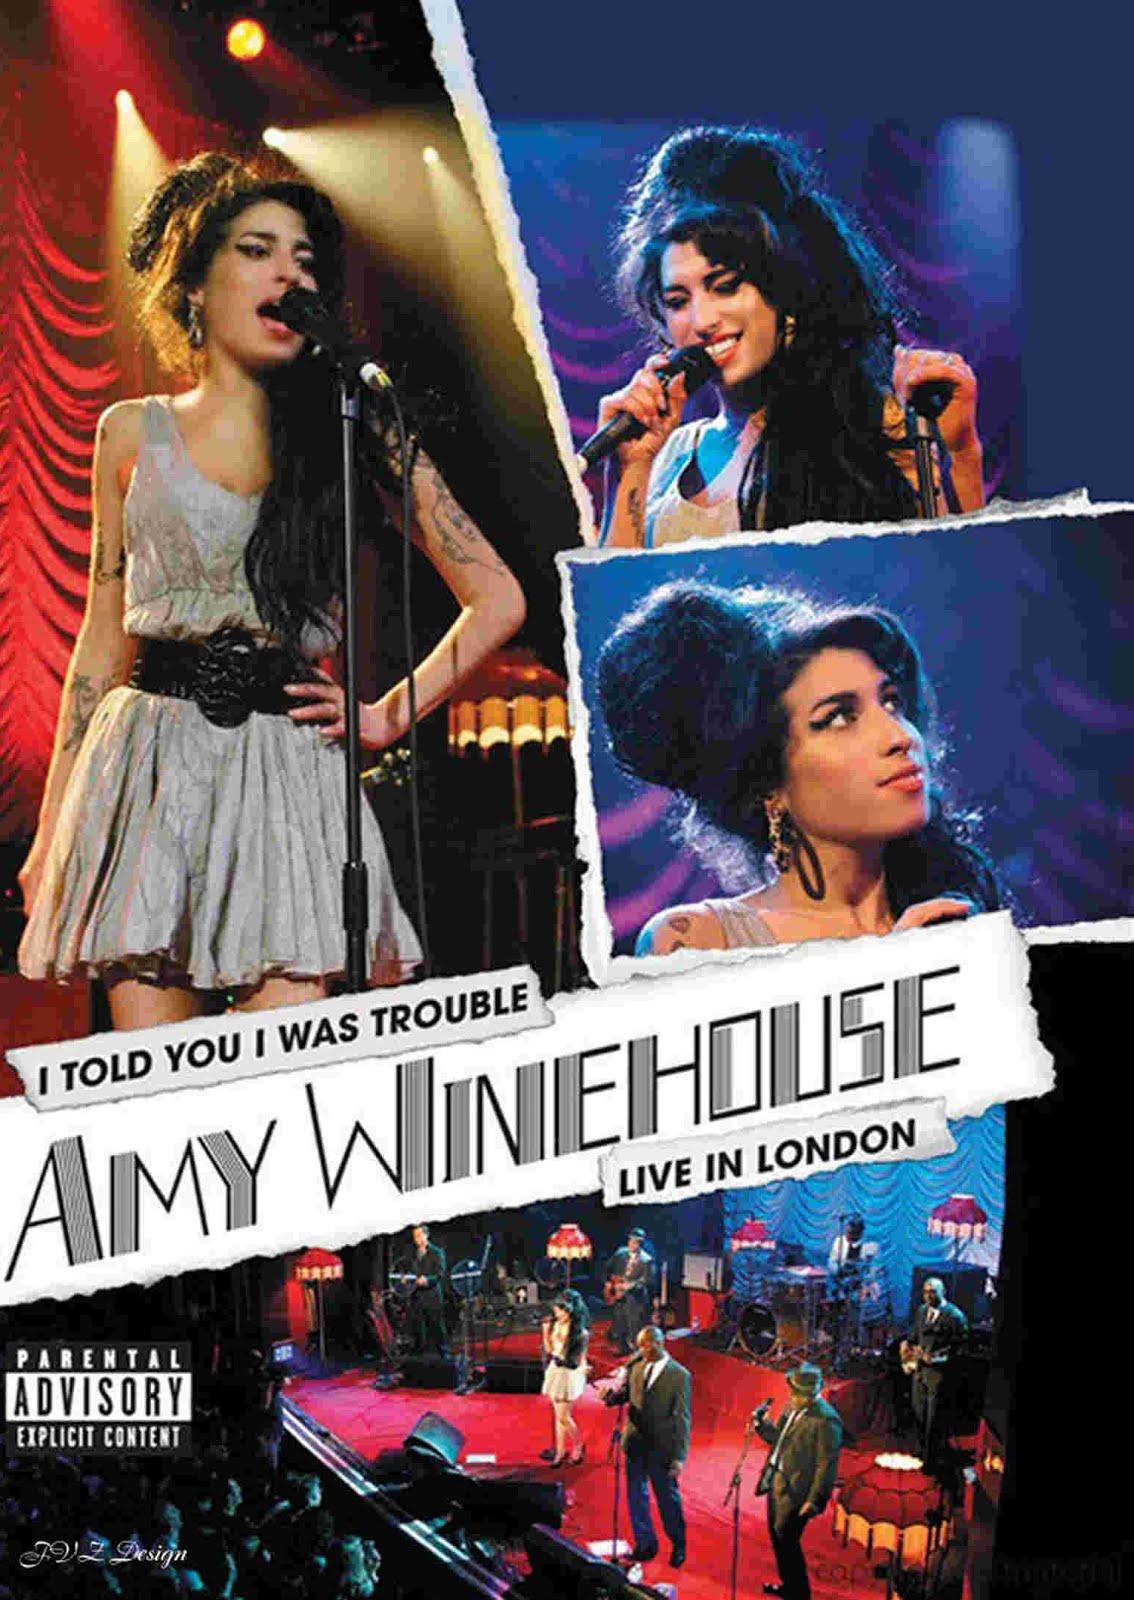 http://4.bp.blogspot.com/-JuwqlPlijoQ/UPnJWp-CXyI/AAAAAAAAFxY/bdOCNNpsKxU/s1600/Amy%2BWinehouseFront.jpg